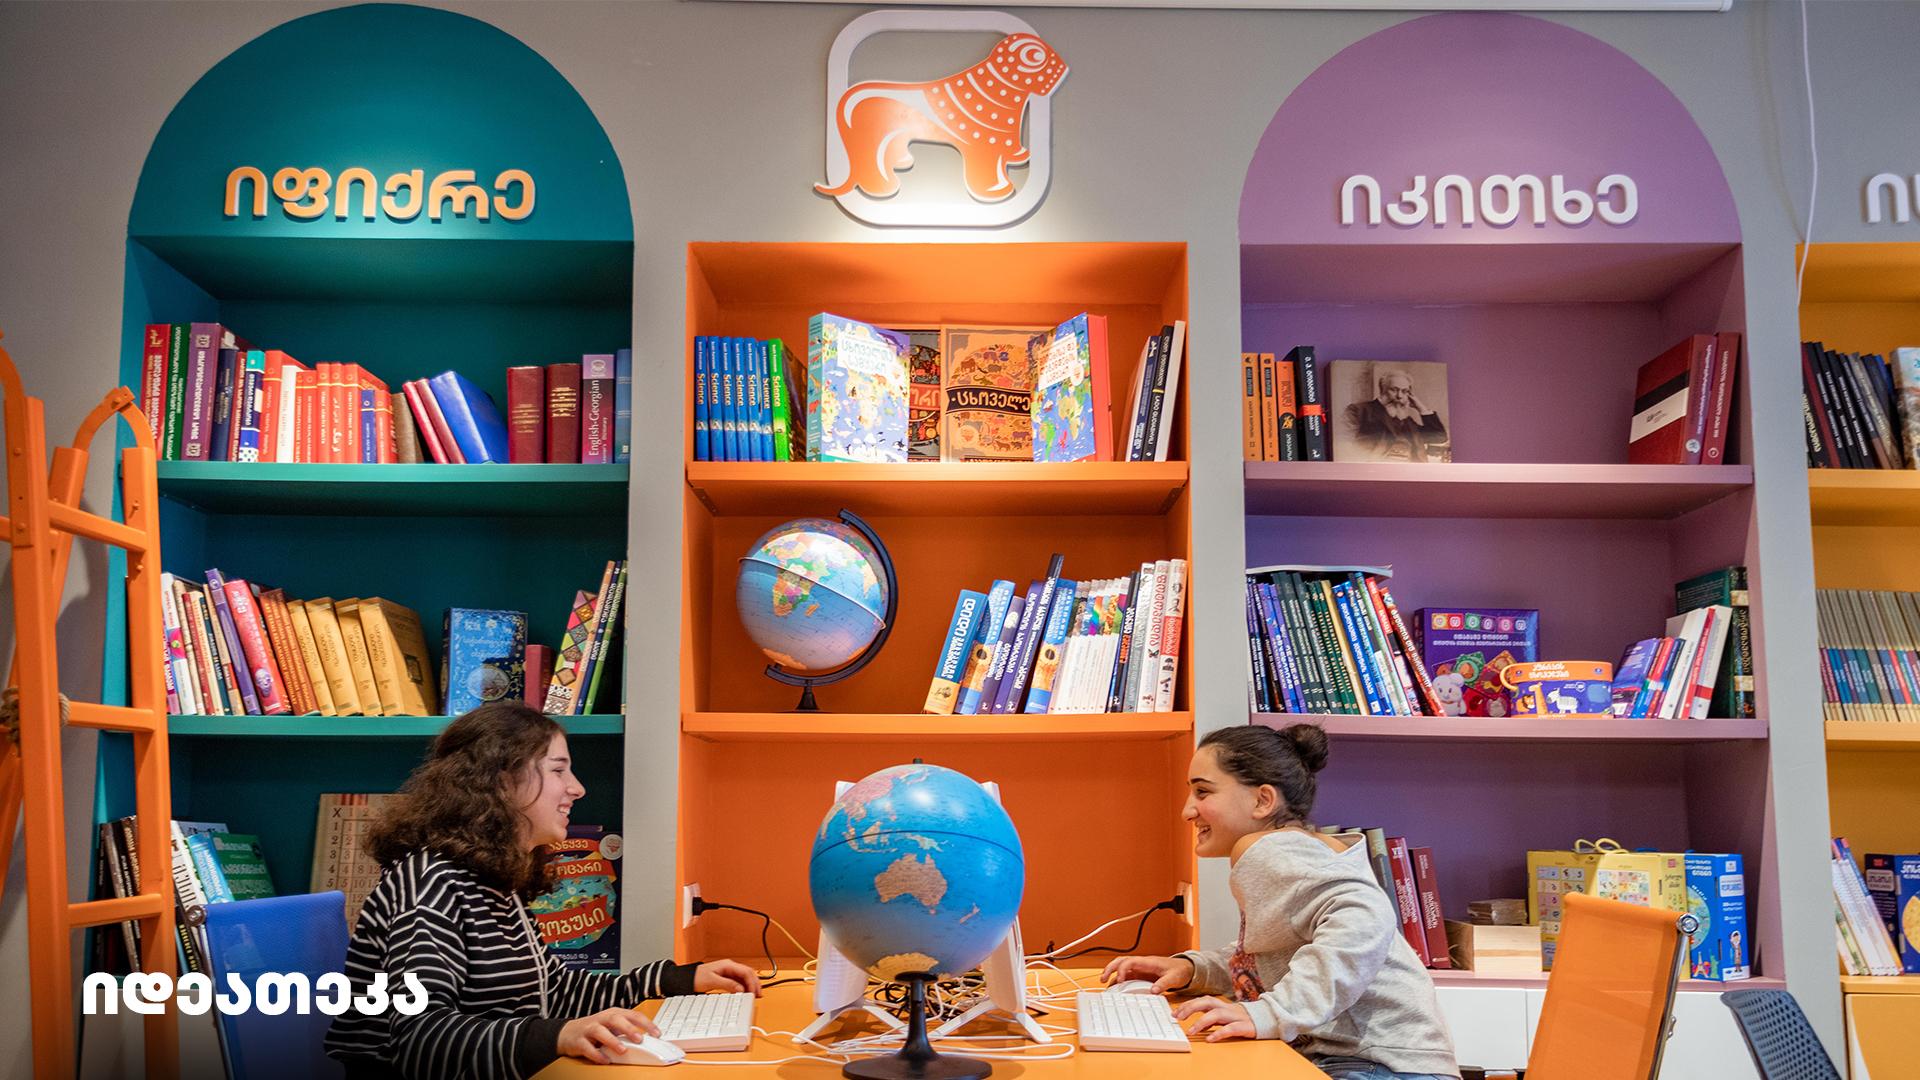 Photo of საქართველოს ბანკი მოსწავლეებს ახალ სასწავლო სივრცეებს სთავაზობს